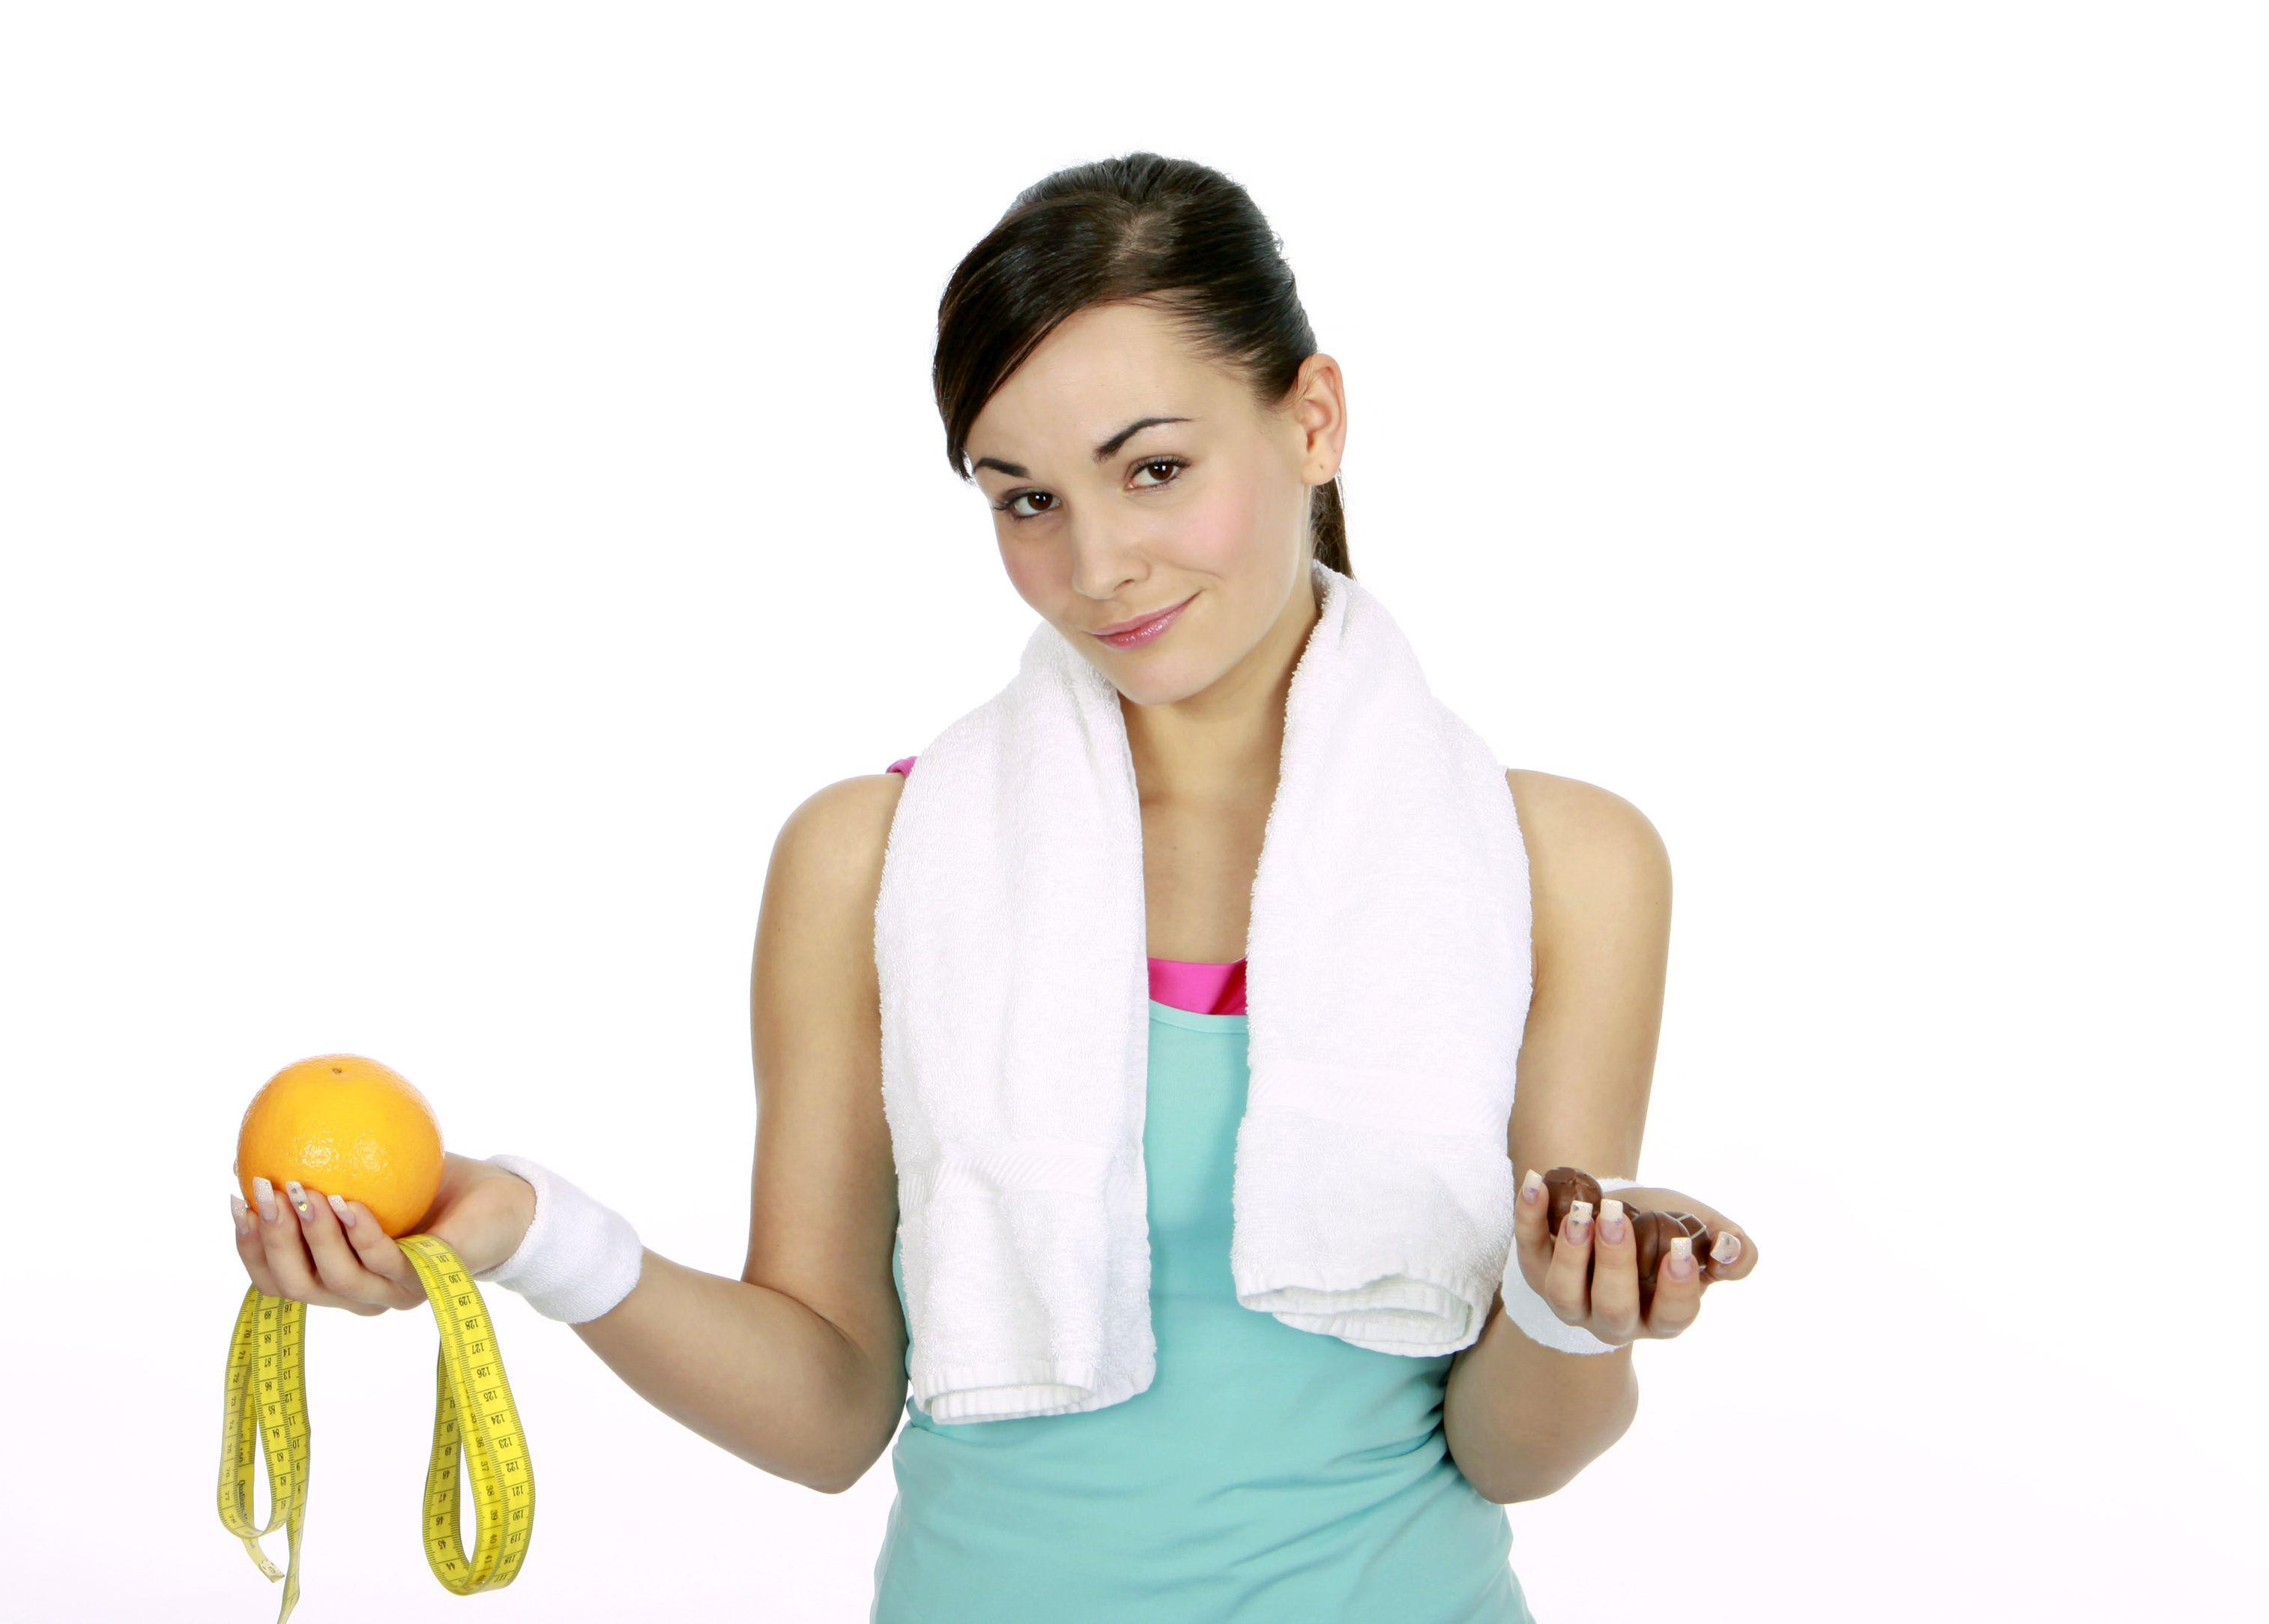 o săptămână tabere de pierdere în greutate pentru adulți pierde grăsime cât timp